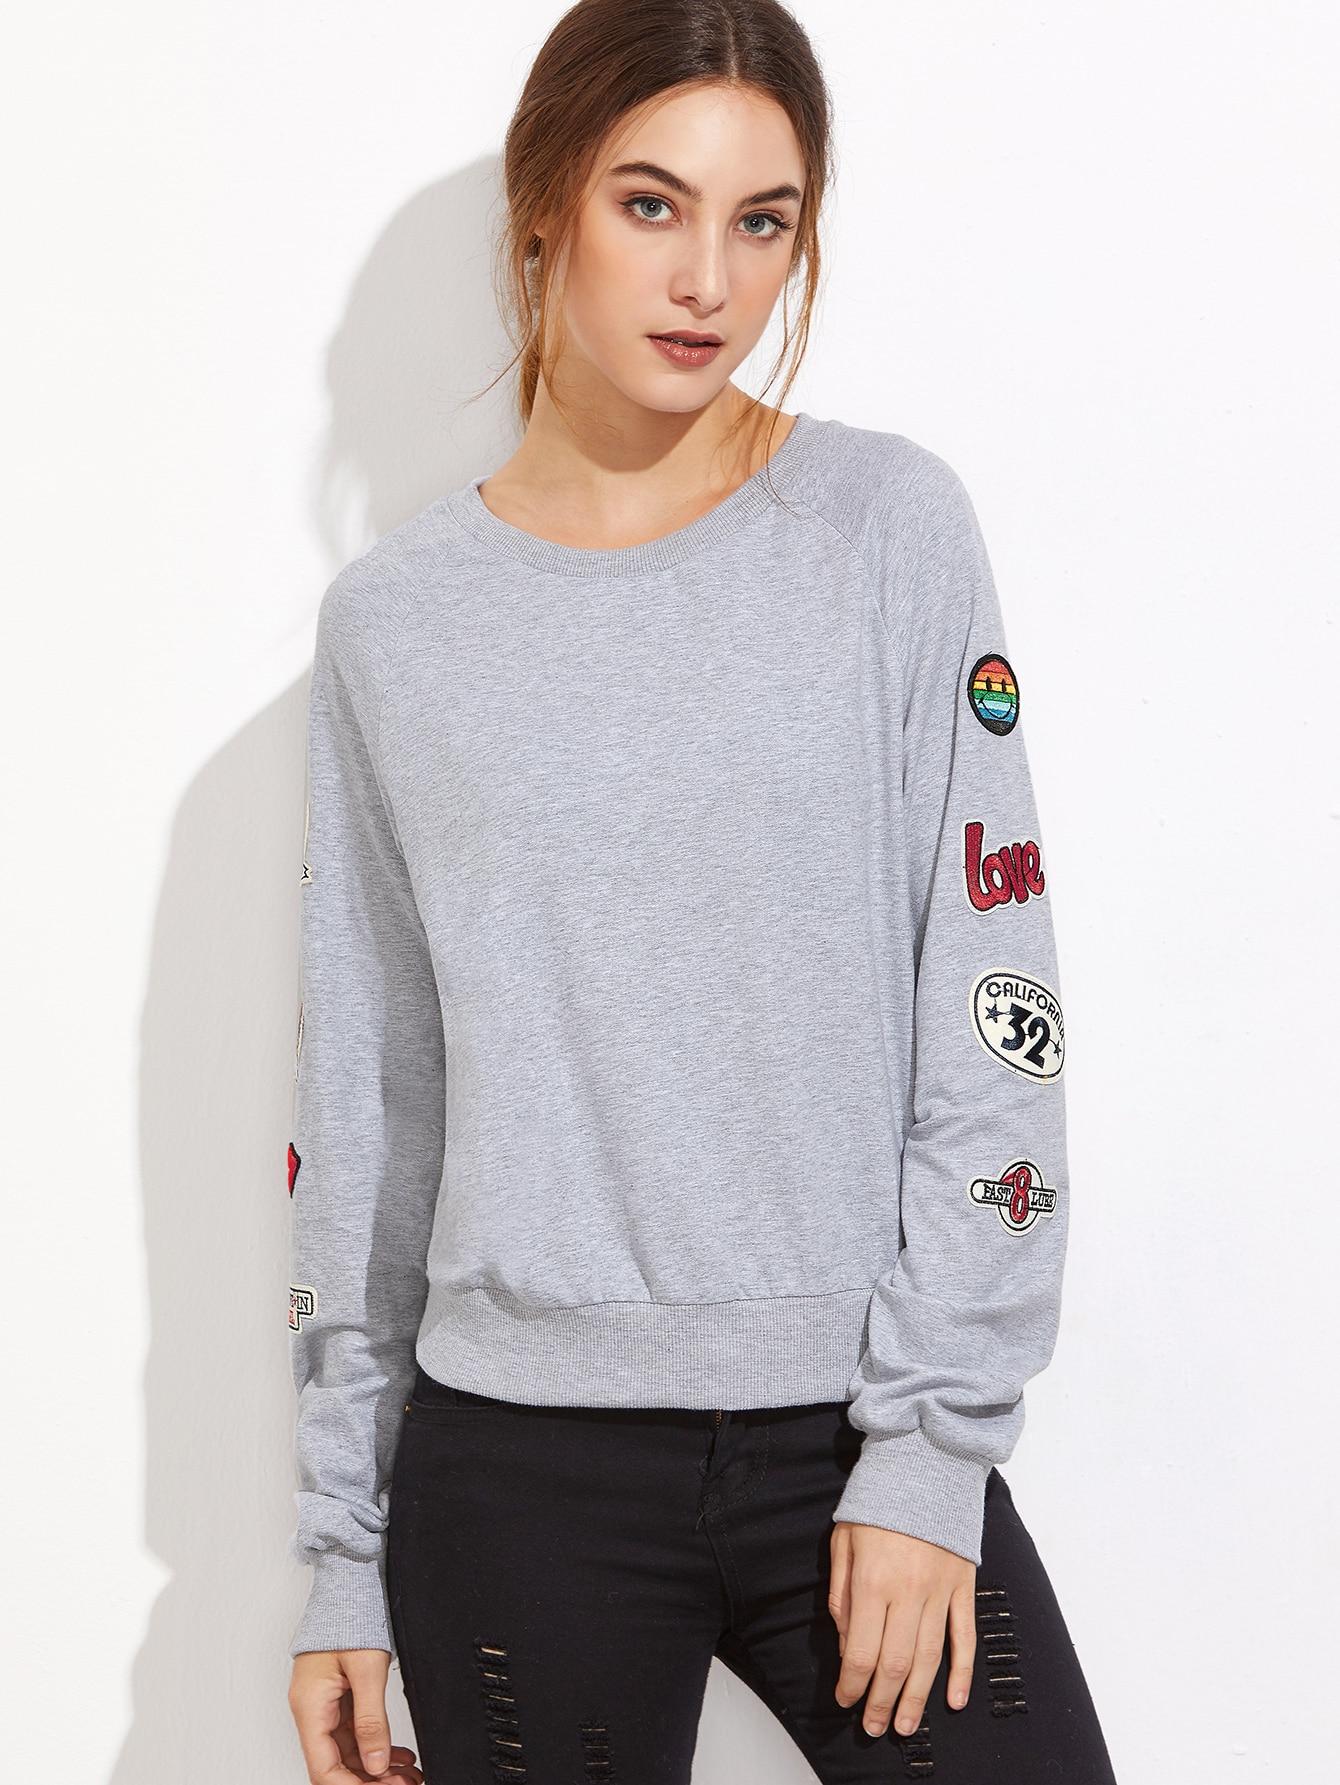 sweatshirt161104702_2